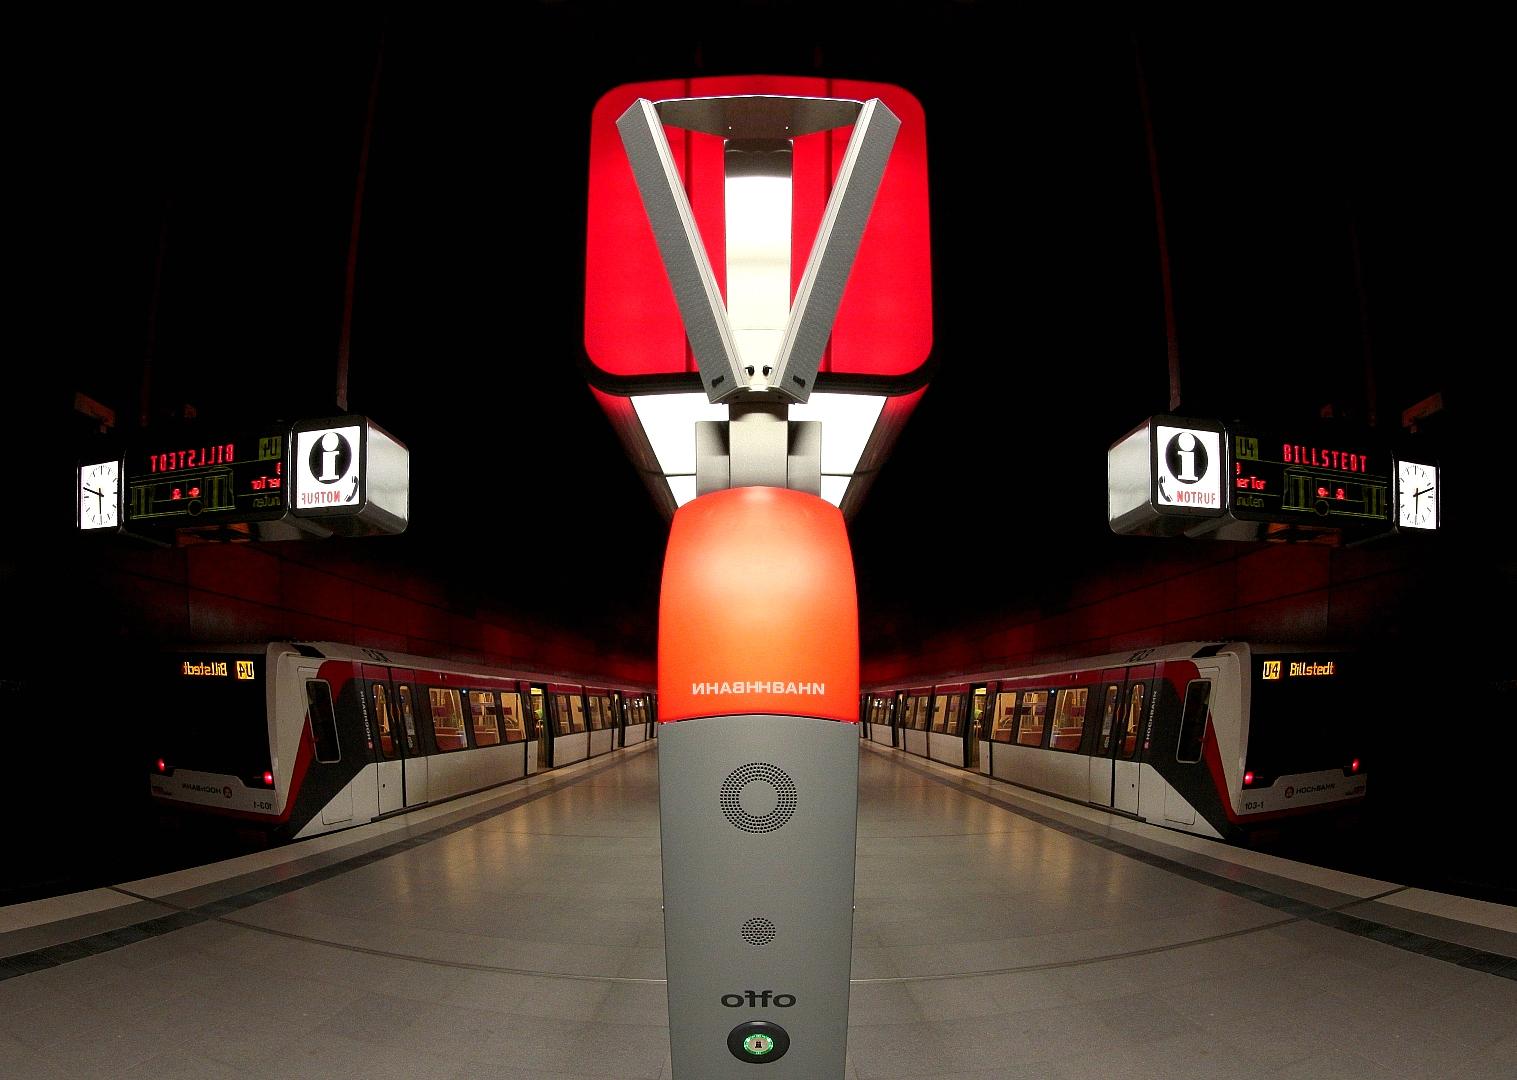 U HafenCity-Uni [ 04 ]